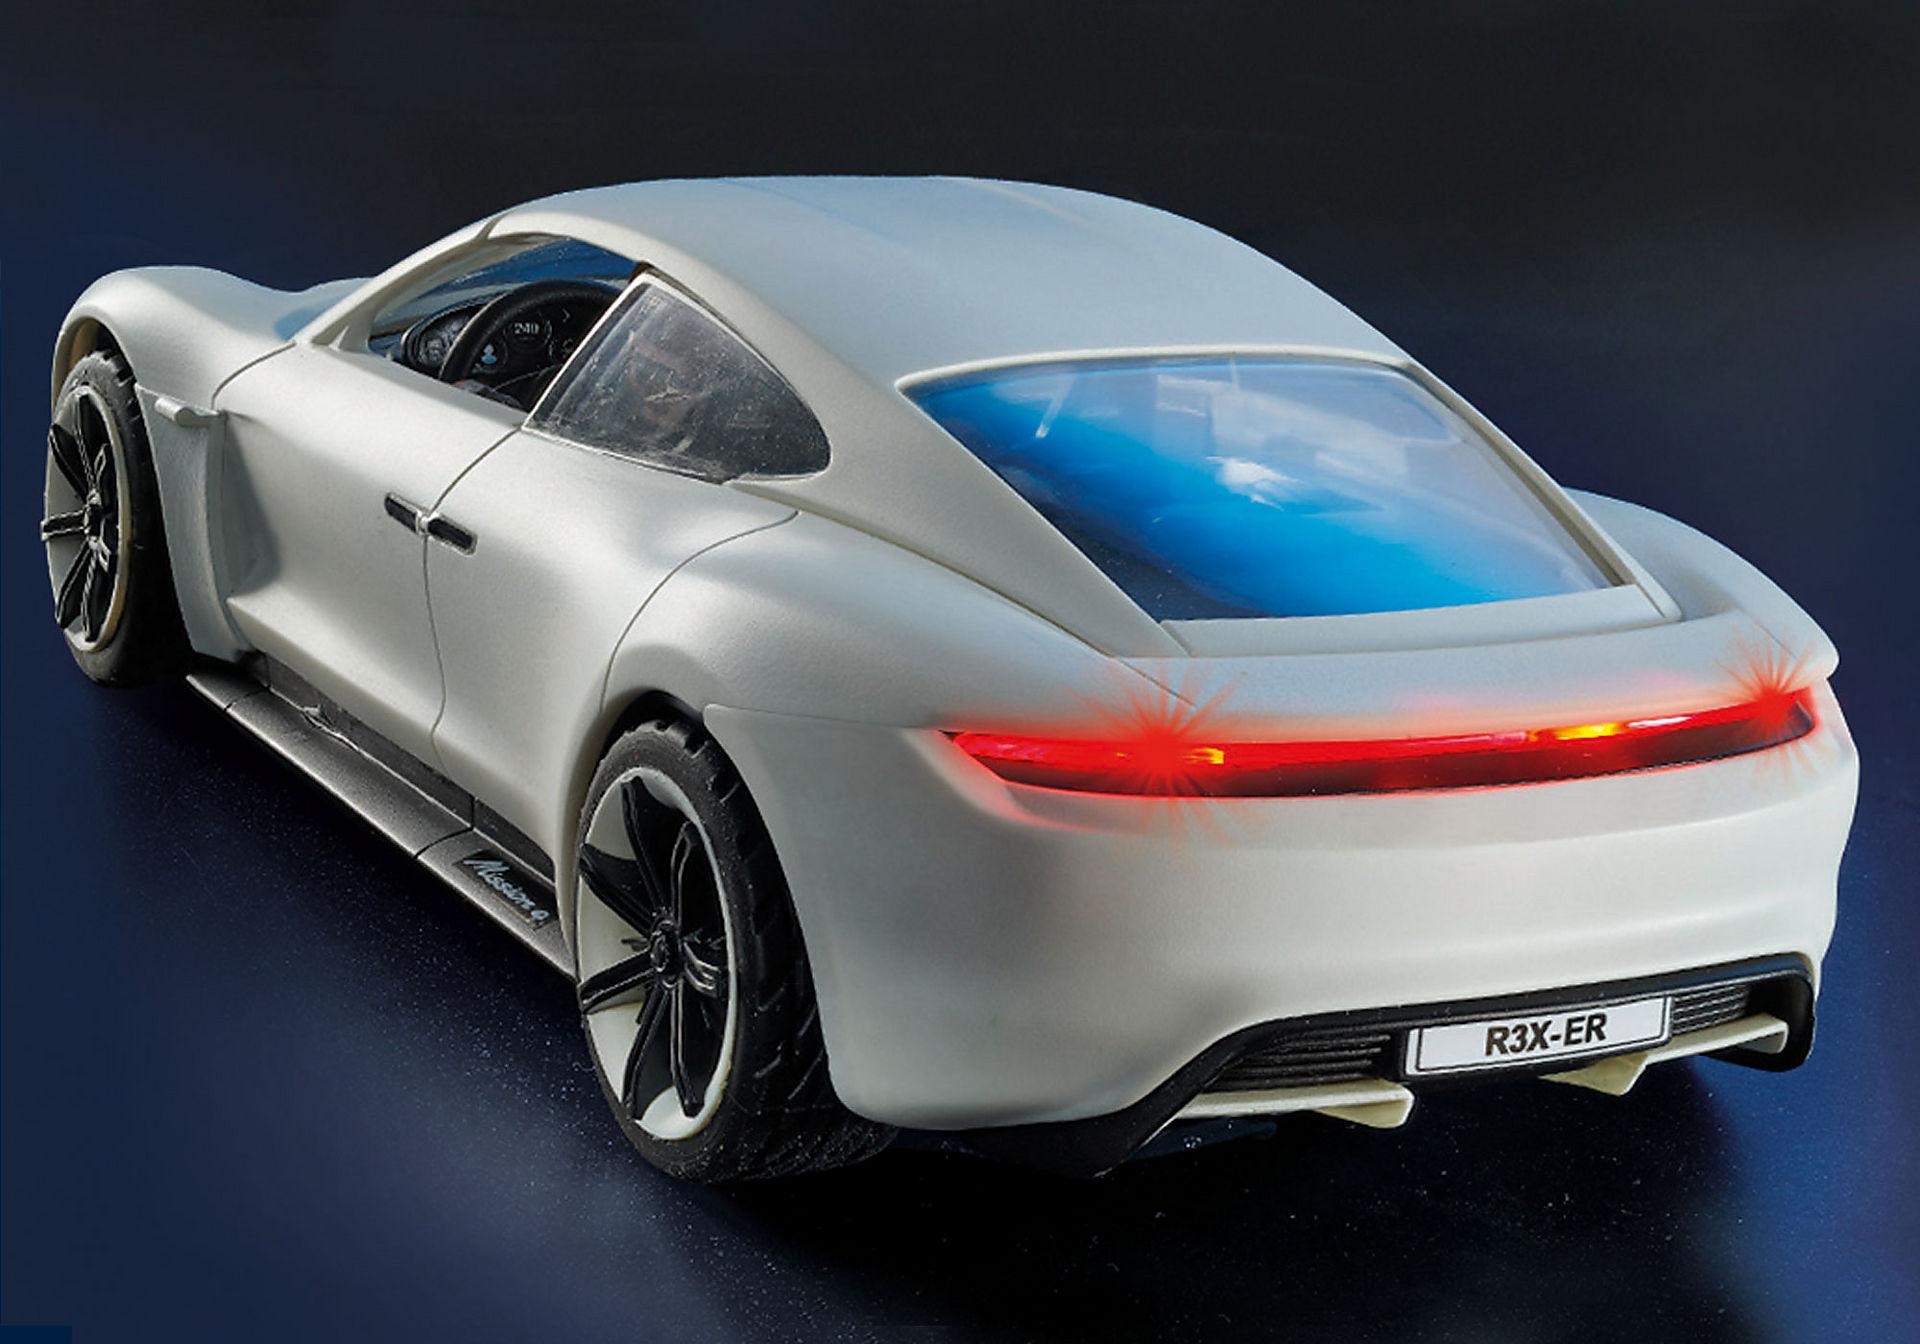 http://media.playmobil.com/i/playmobil/70078_product_extra3/PLAYMOBIL: THE MOVIE Rex Dasher et  Porsche Mission E